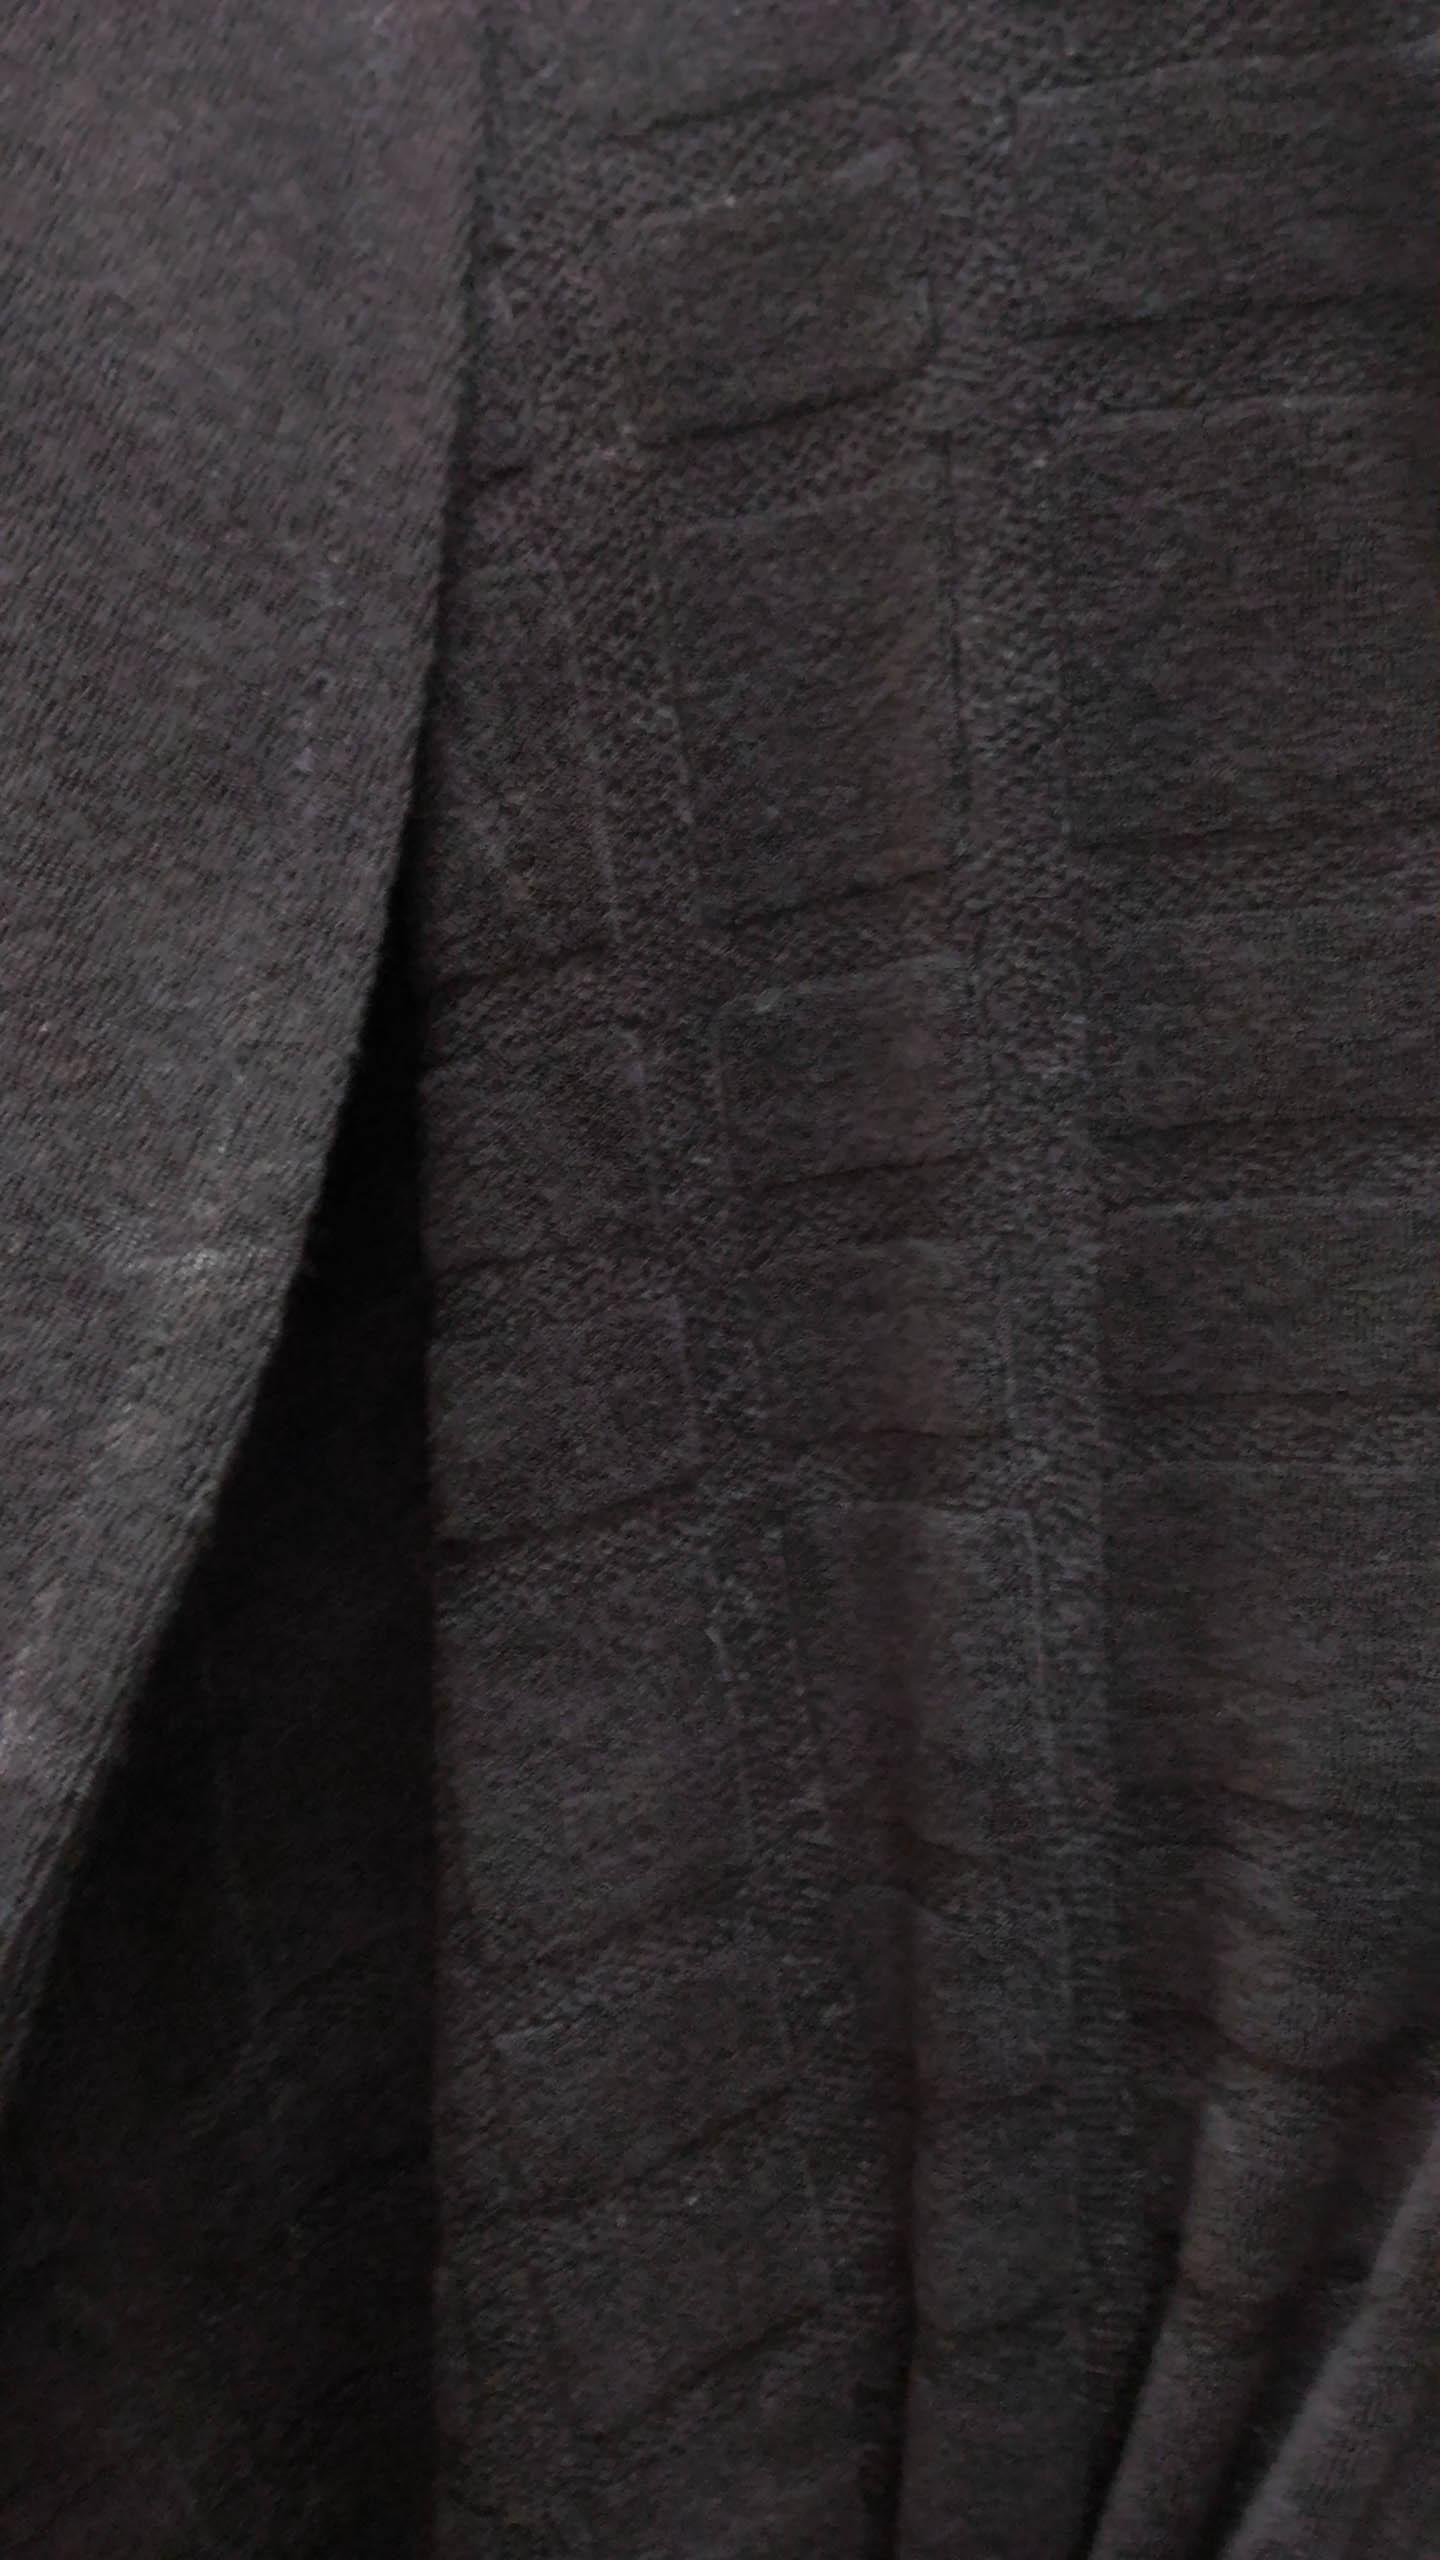 Сауны, бани и оборудование Five Wien Халат Alan Цвет: Антрацит (хххL) сауны бани и оборудование five wien халат admiral цвет джинсовый xxxl